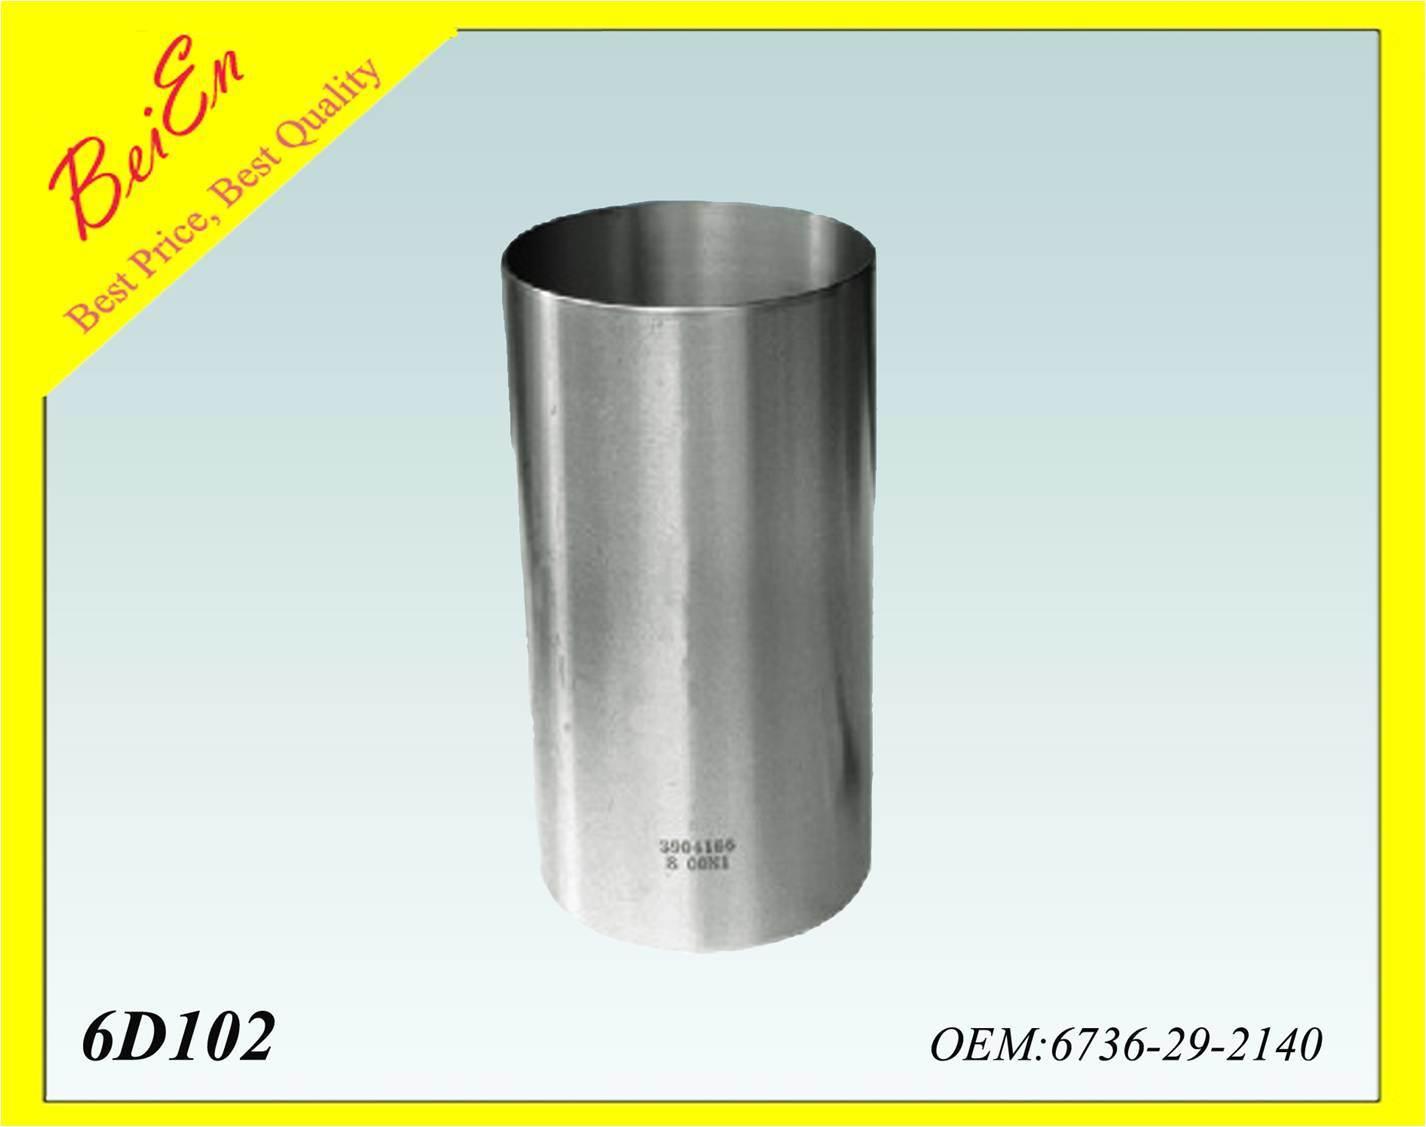 Cylinder Liner for Excavator Engine 6D102 Part Number: 6736-29-2140